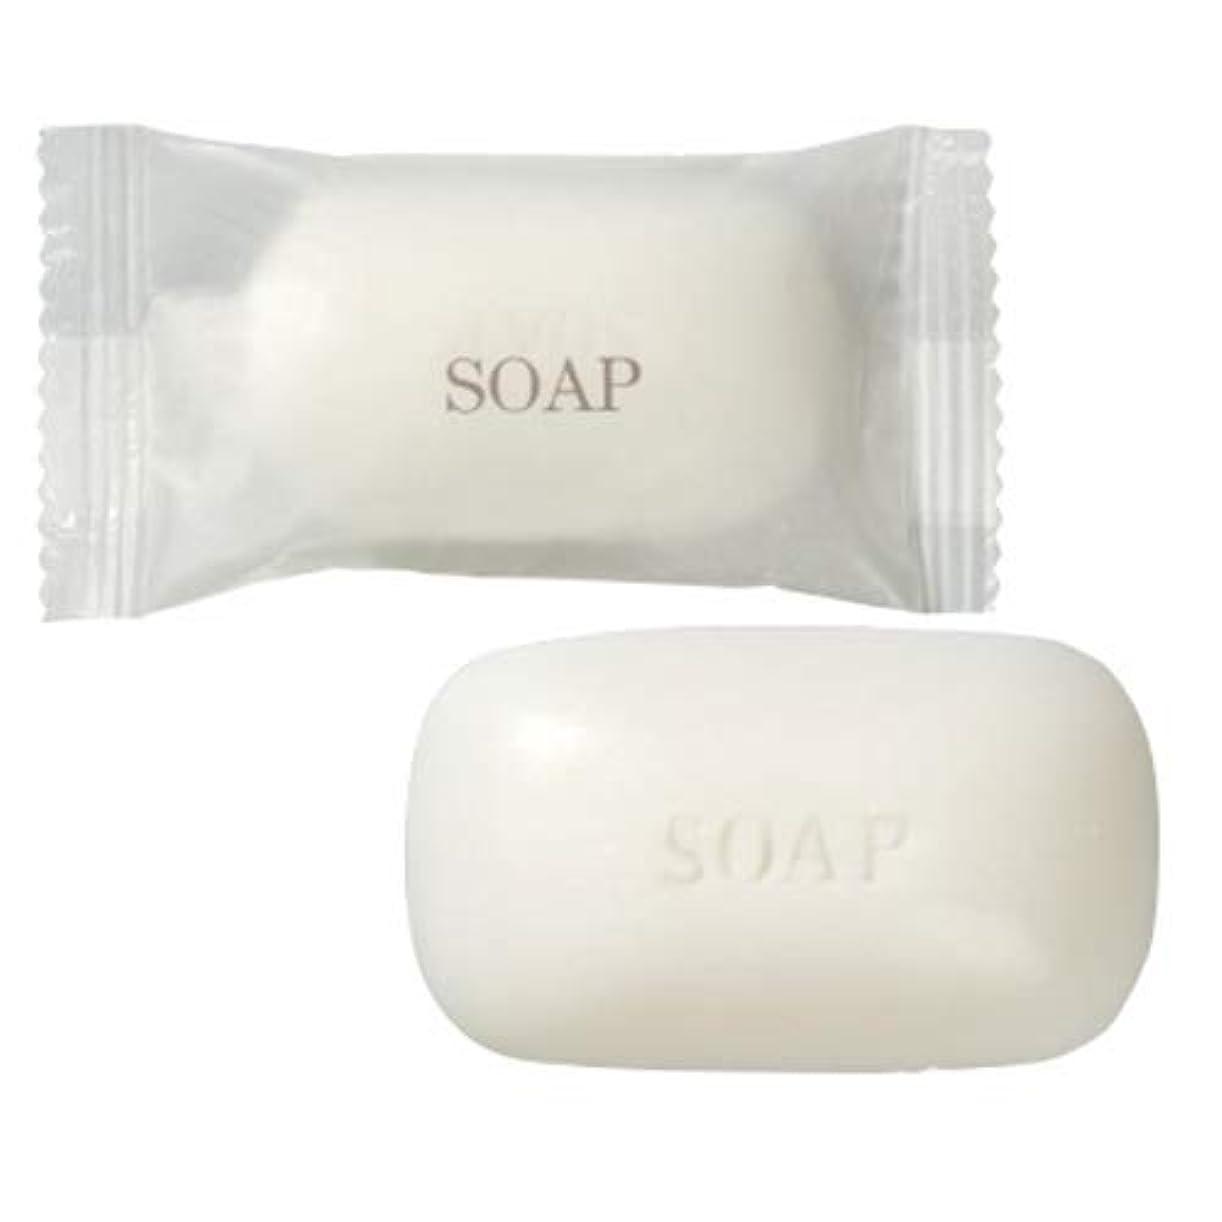 保育園とんでもないシュート業務用 フィードソープ(FEED SOAP) マット袋(M袋) 15g ×100個 | ホテルアメニティ 個包装